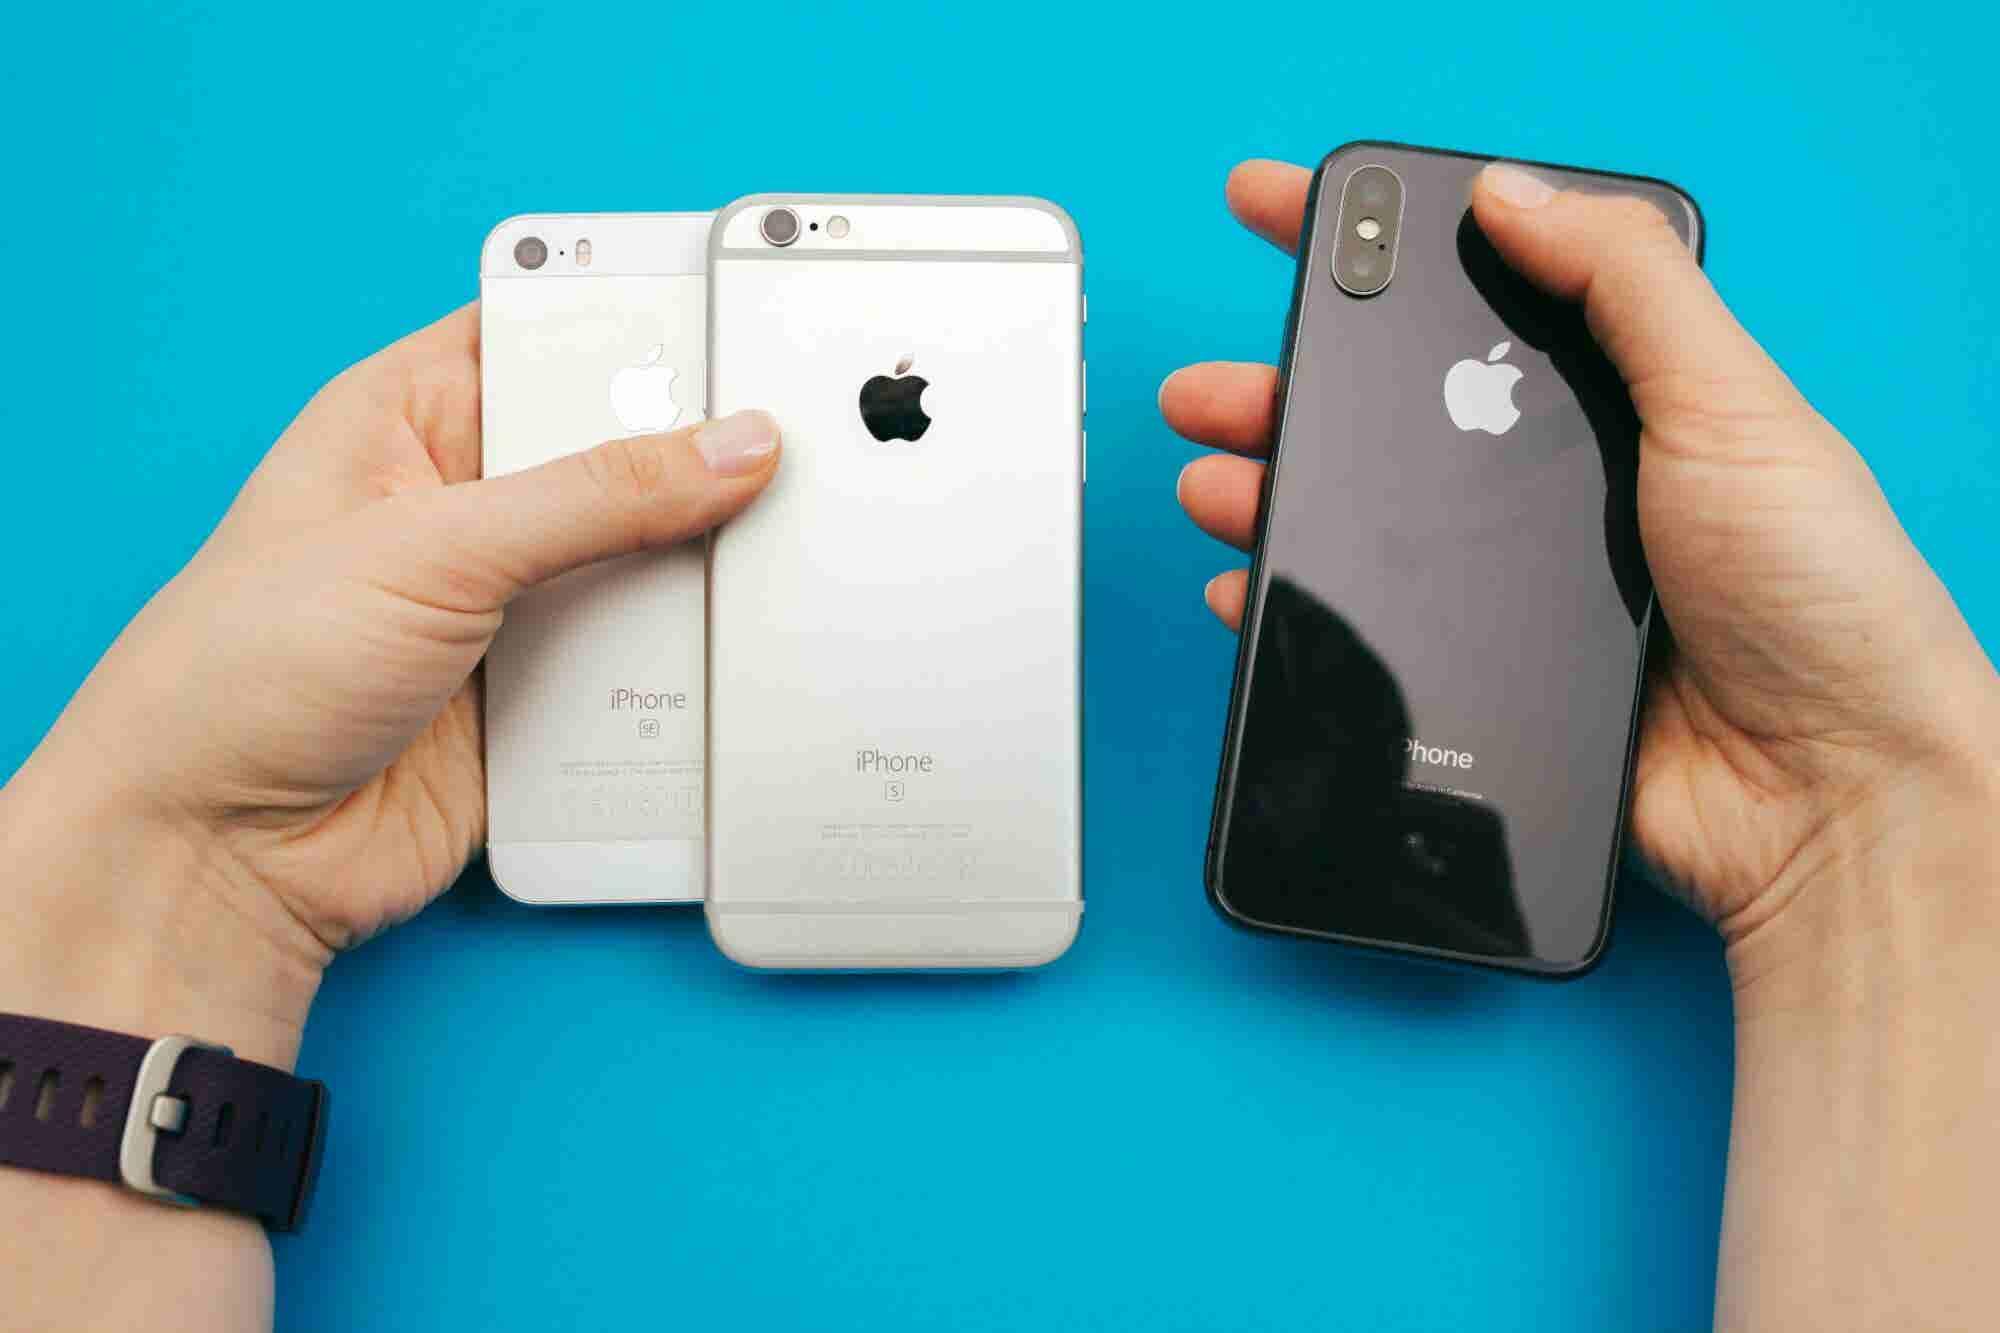 Tener un iPhone es 'de pobres' en este pa铆s